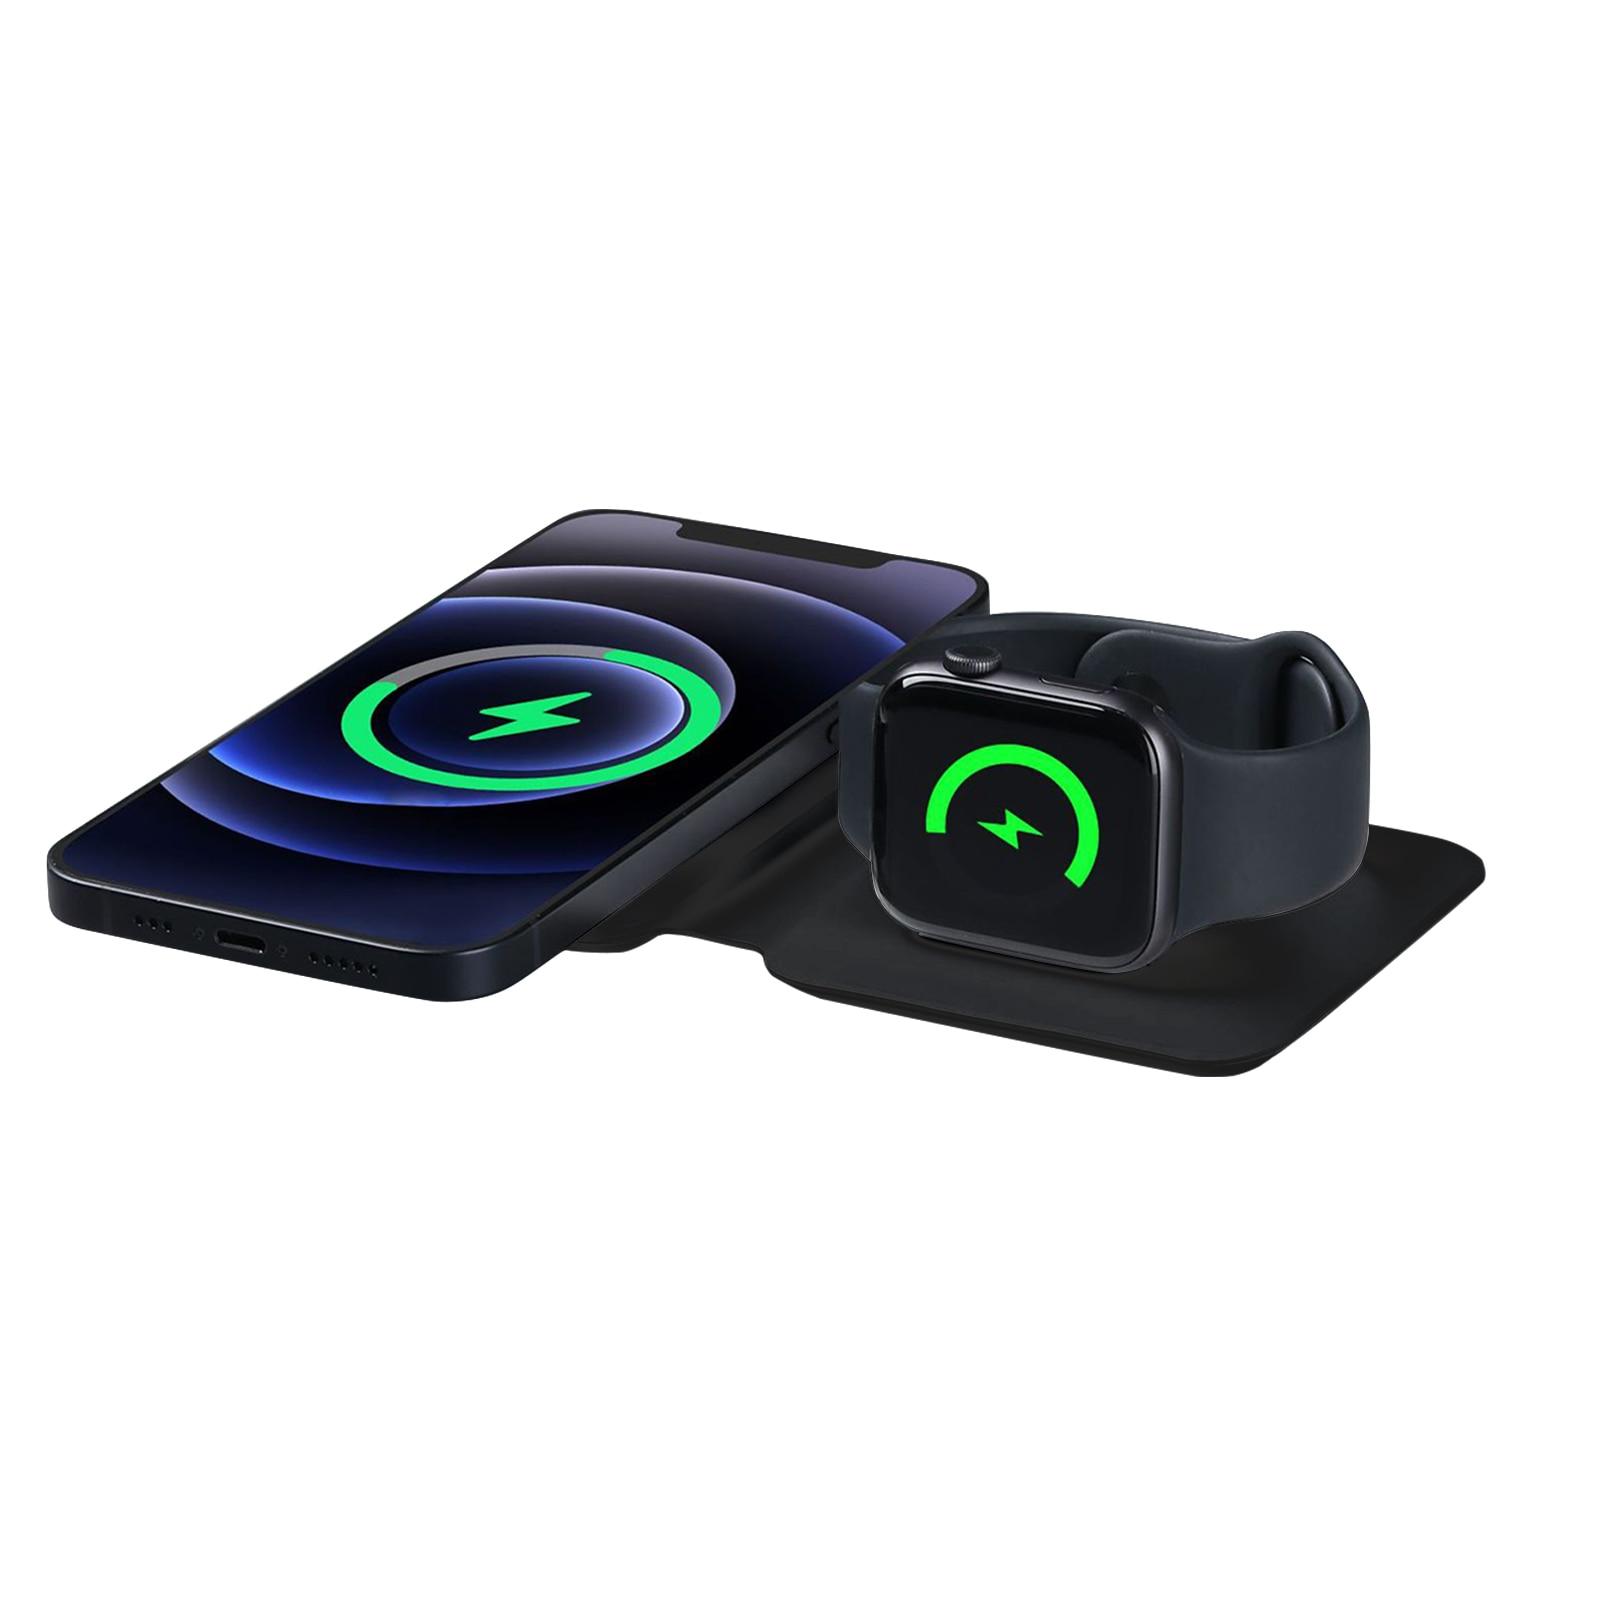 Новинка 2 в 1 двойное магнитное Беспроводное зарядное устройство для IPhone12 /Pro Max/Mini зарядное устройство 15 Вт Быстрая зарядка для AirPods Watch